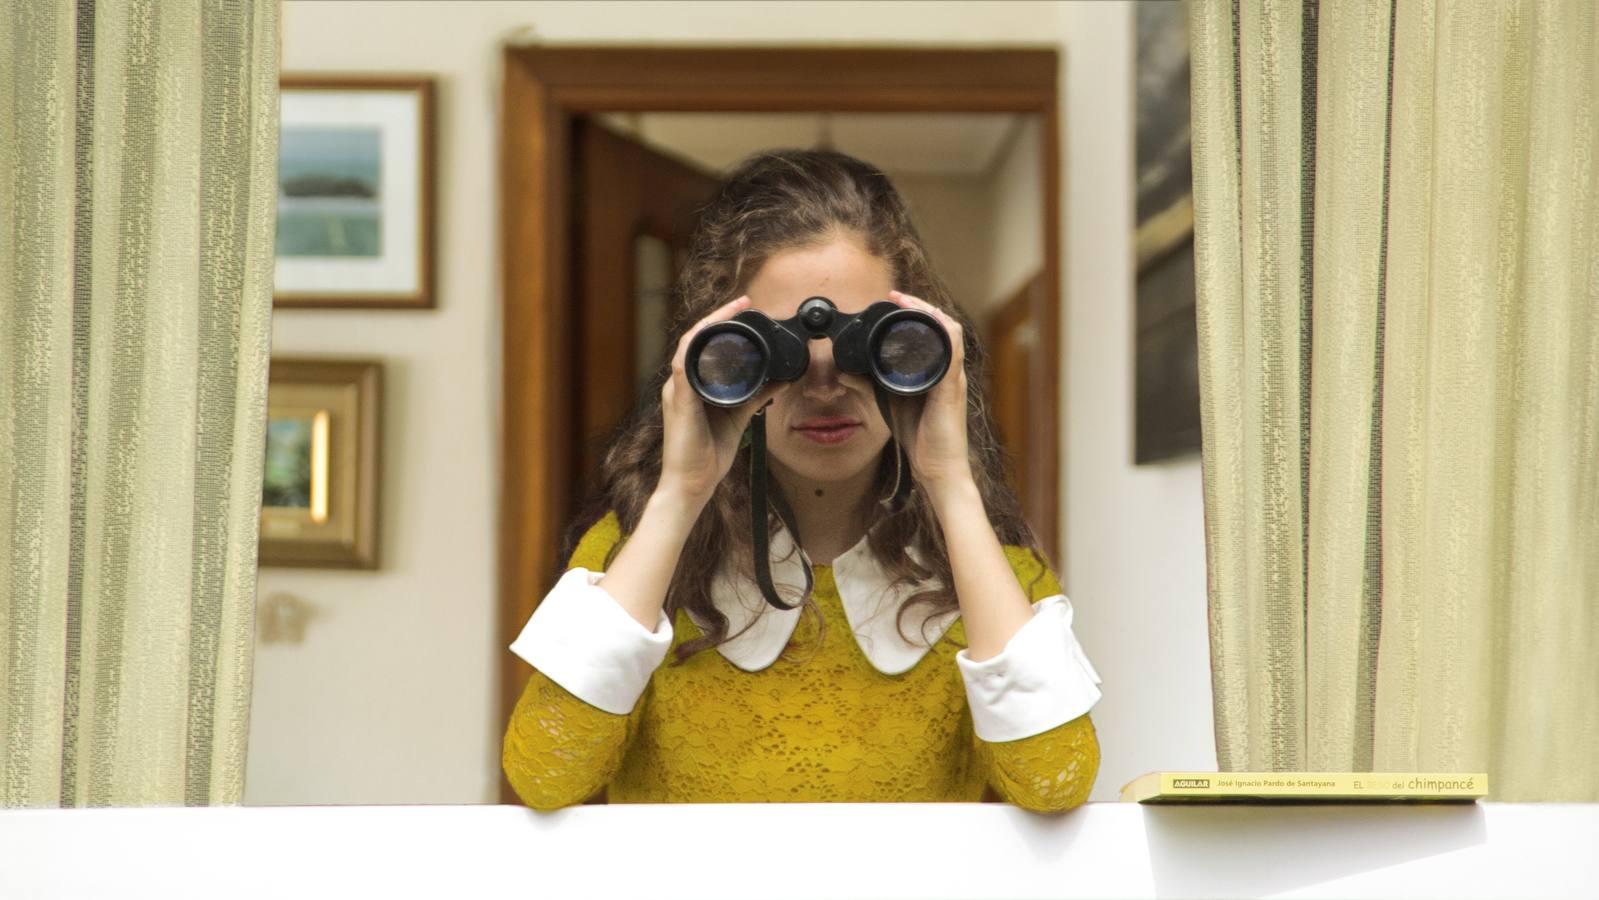 'Observa, congela, imagina', por Maite Moratinos